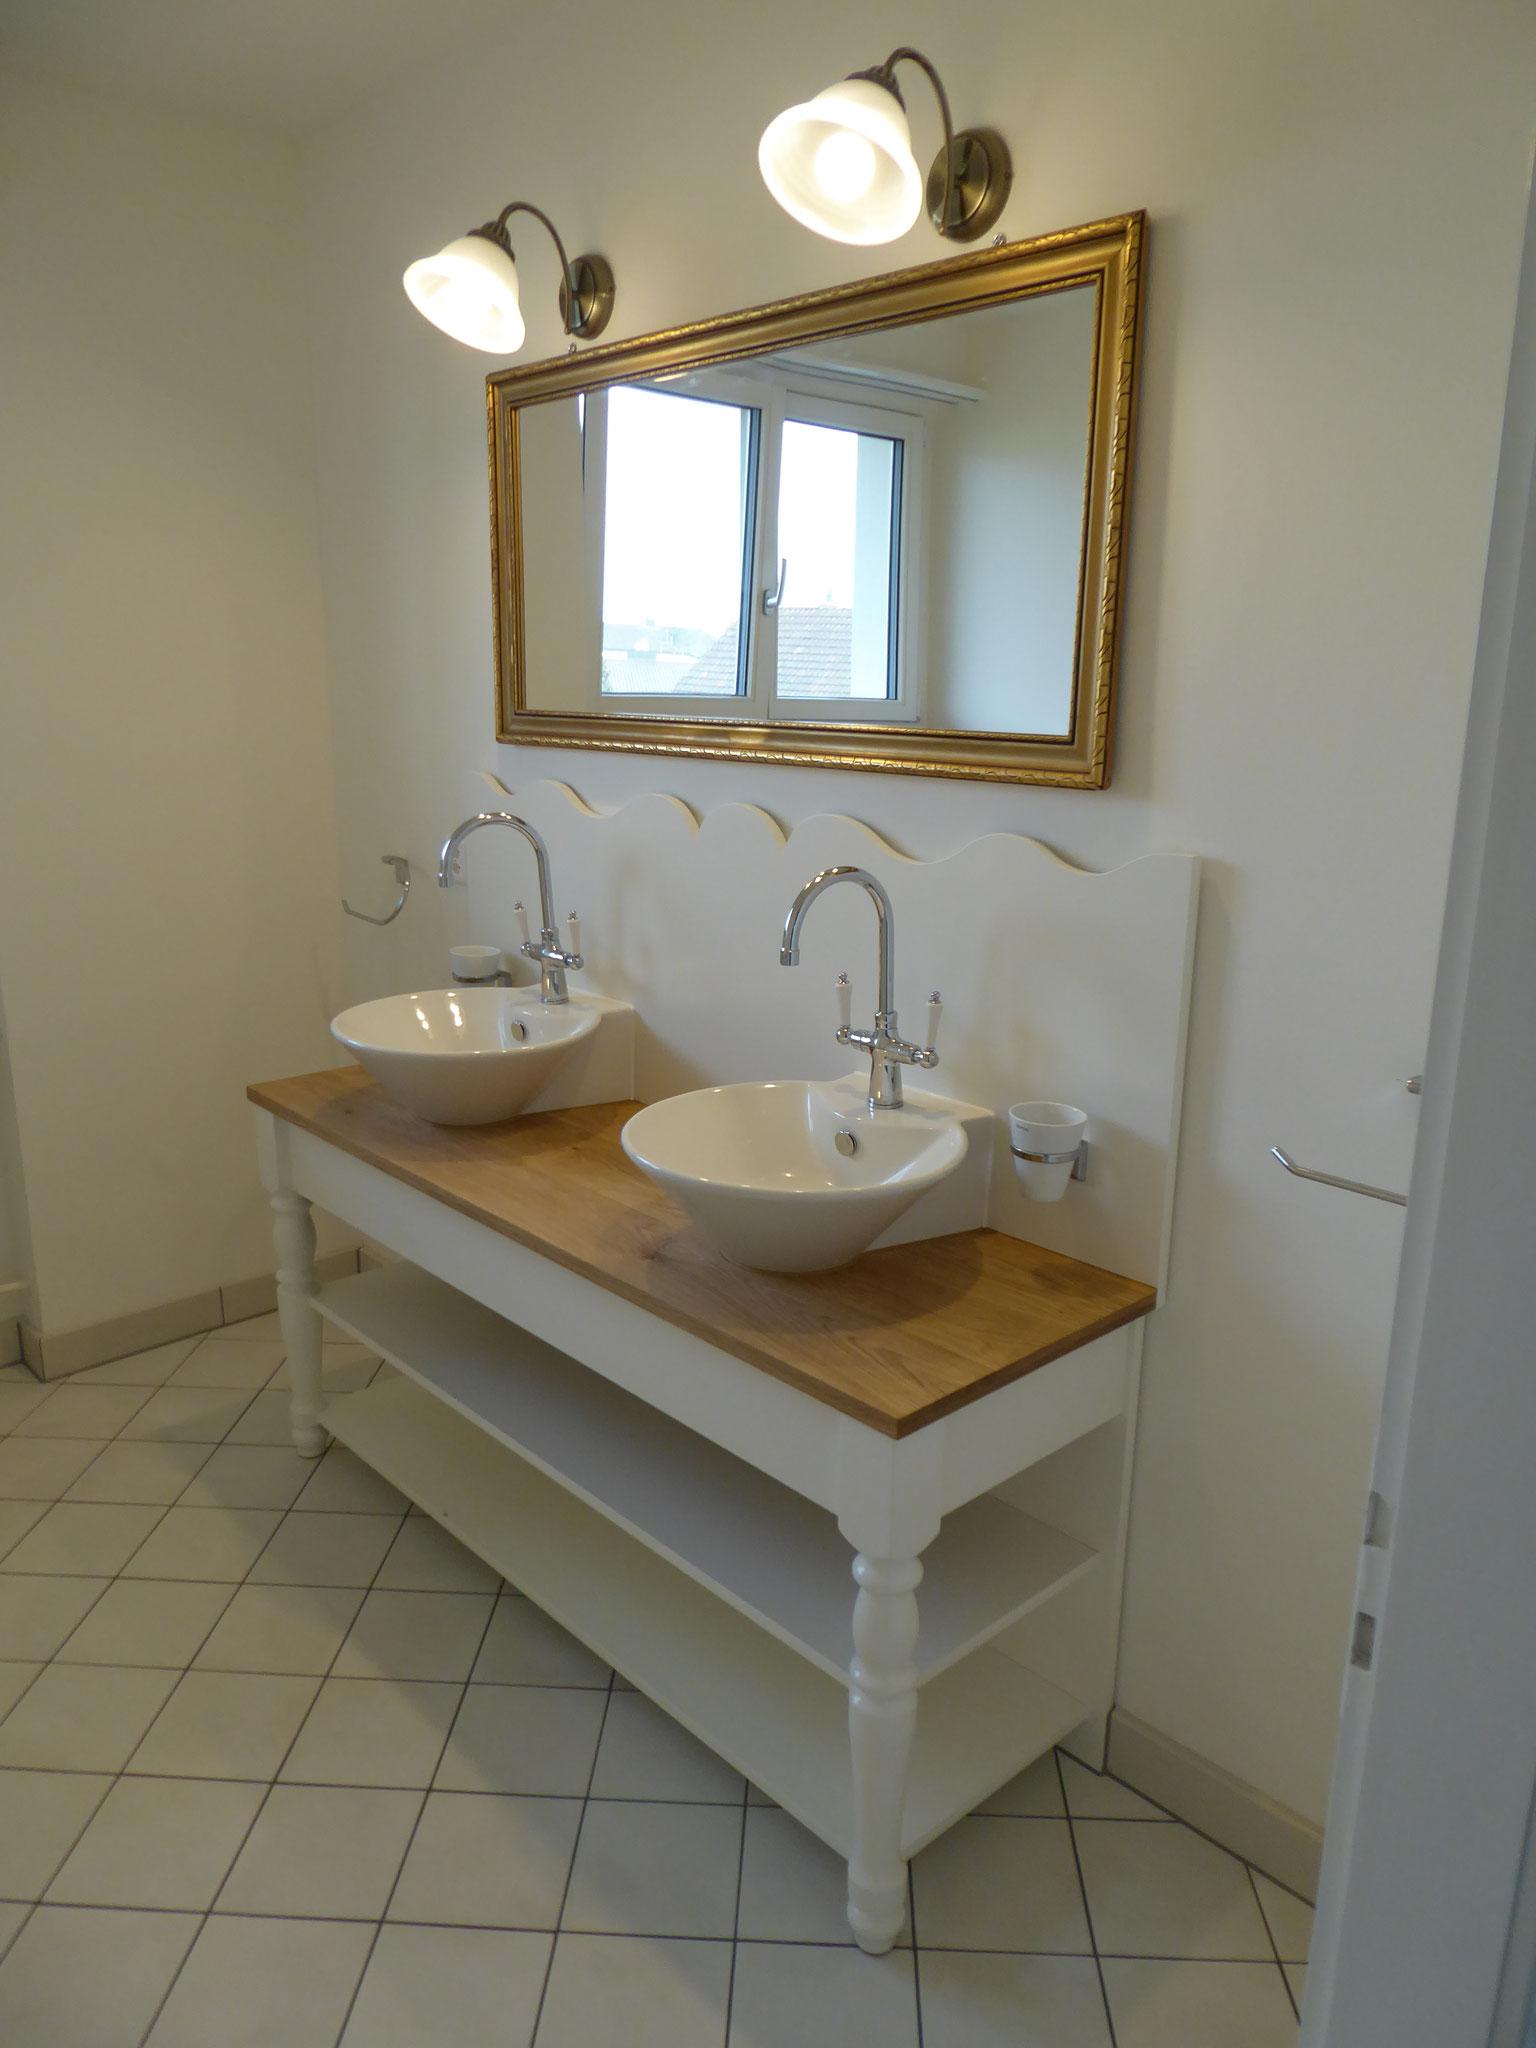 Badmöbel montiert in EFH Zofingen